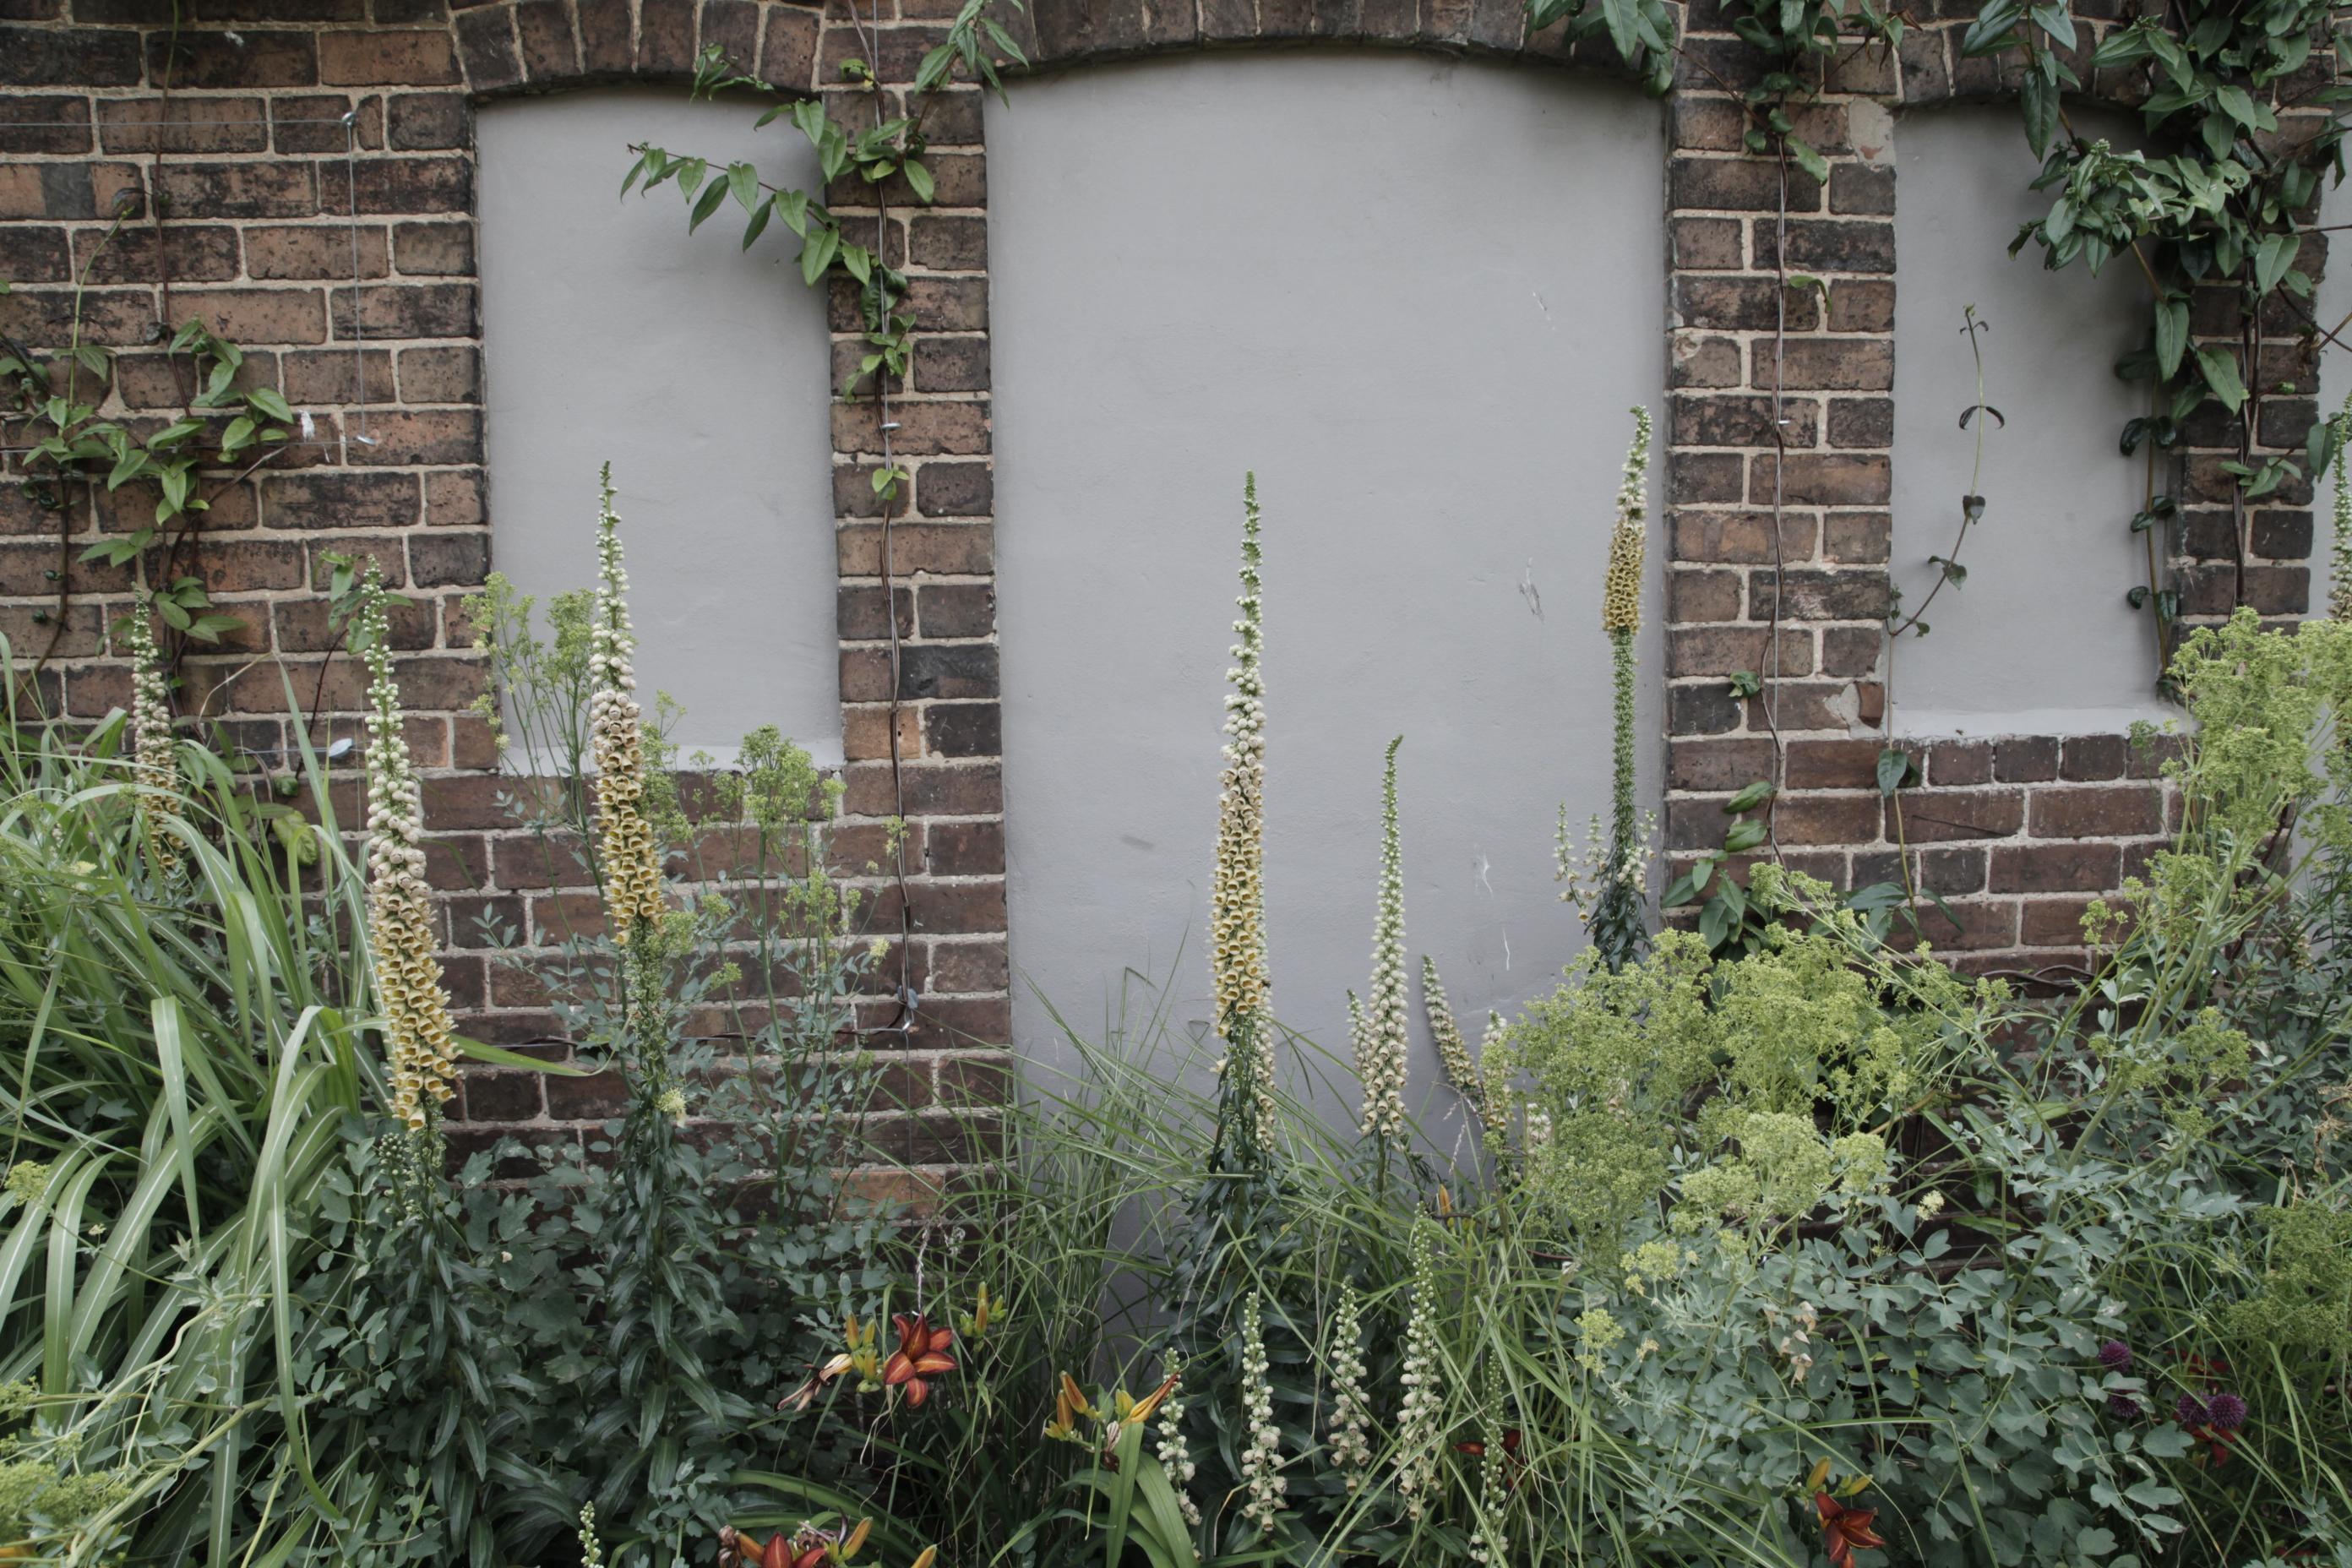 digitalis ferruginea in courtyard garden